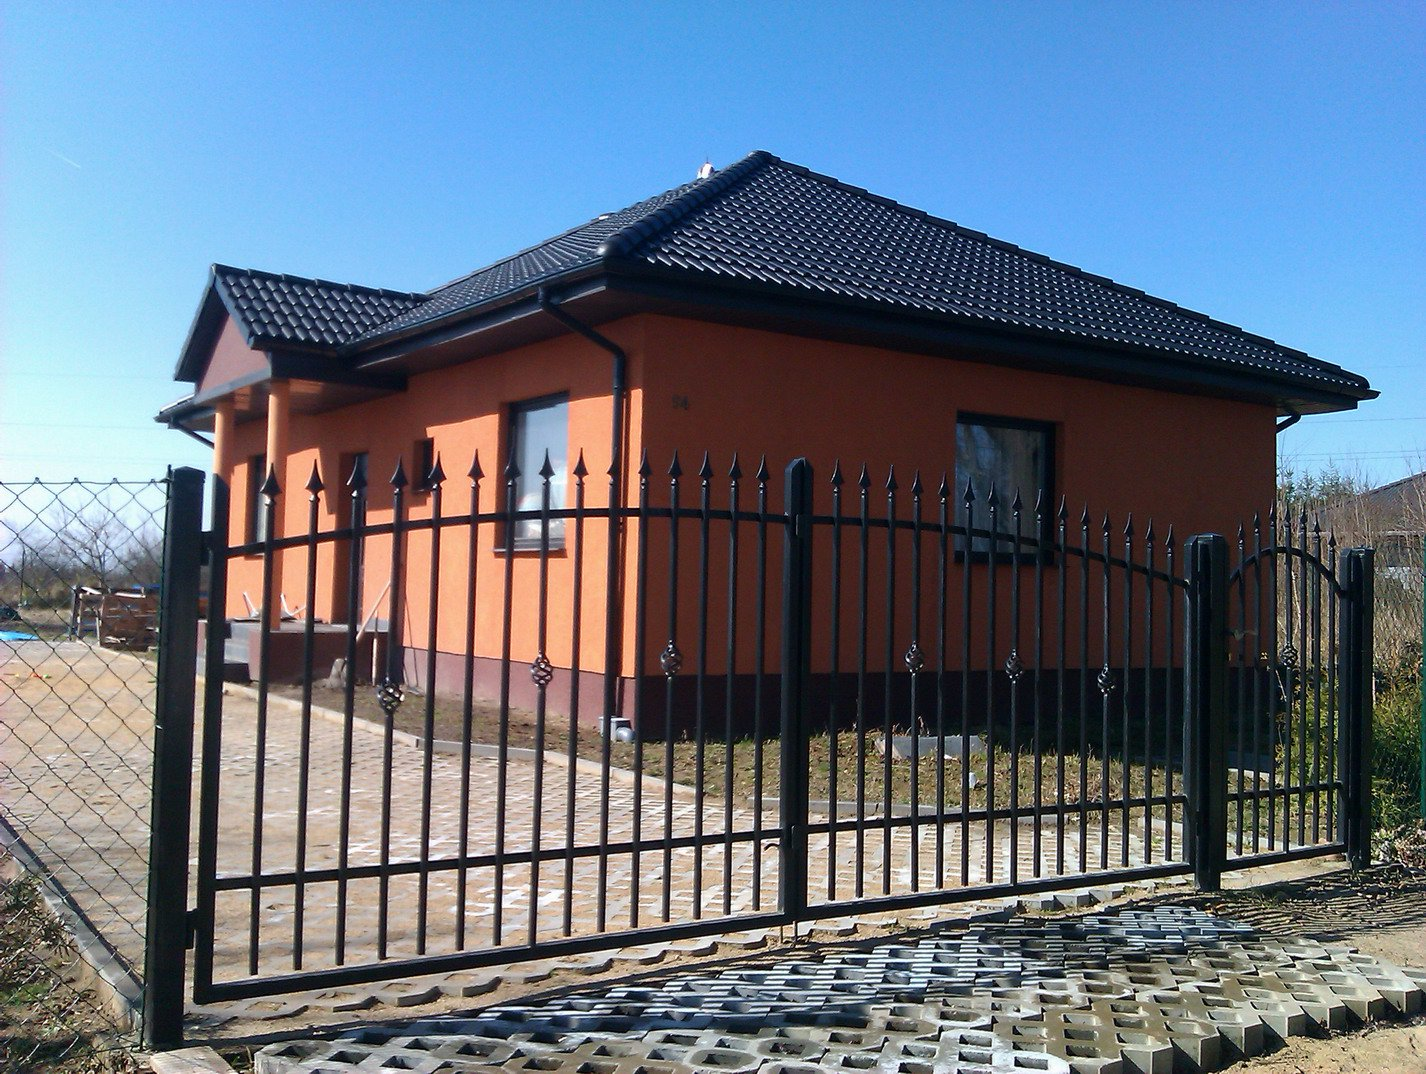 projekt-domu-jak-marzenie-fot-13-1374841264-gyvcwamo.jpg